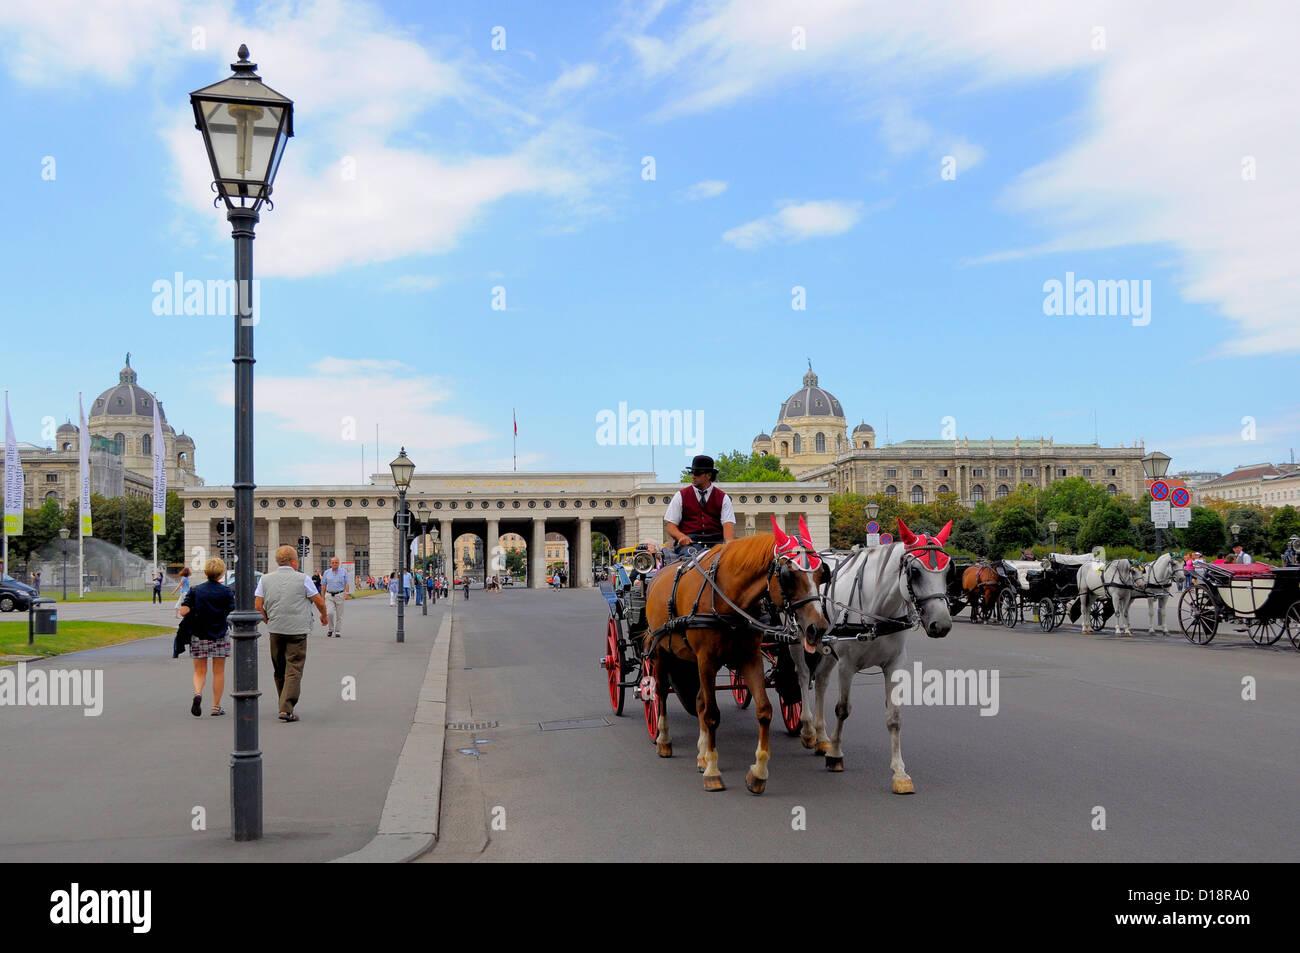 Österreich, Wien, Hofburg zu Wien, Fiaker, Pferde mit Kutsche, - Stock Image